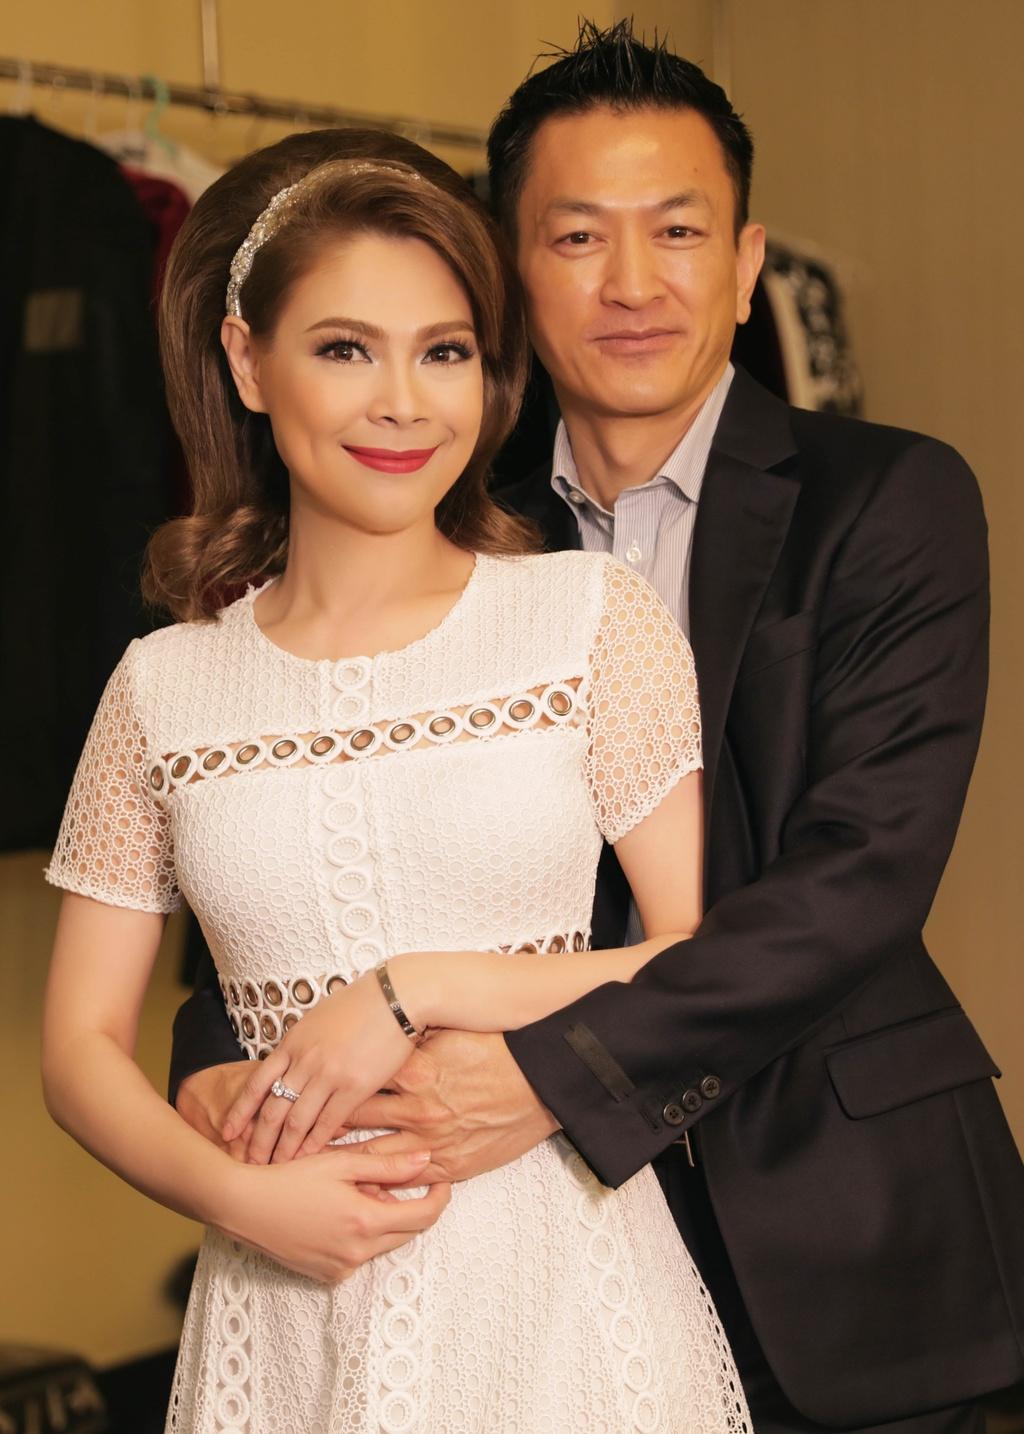 Thanh Thao cham soc Quang Dung truoc mat ban trai hinh anh 5